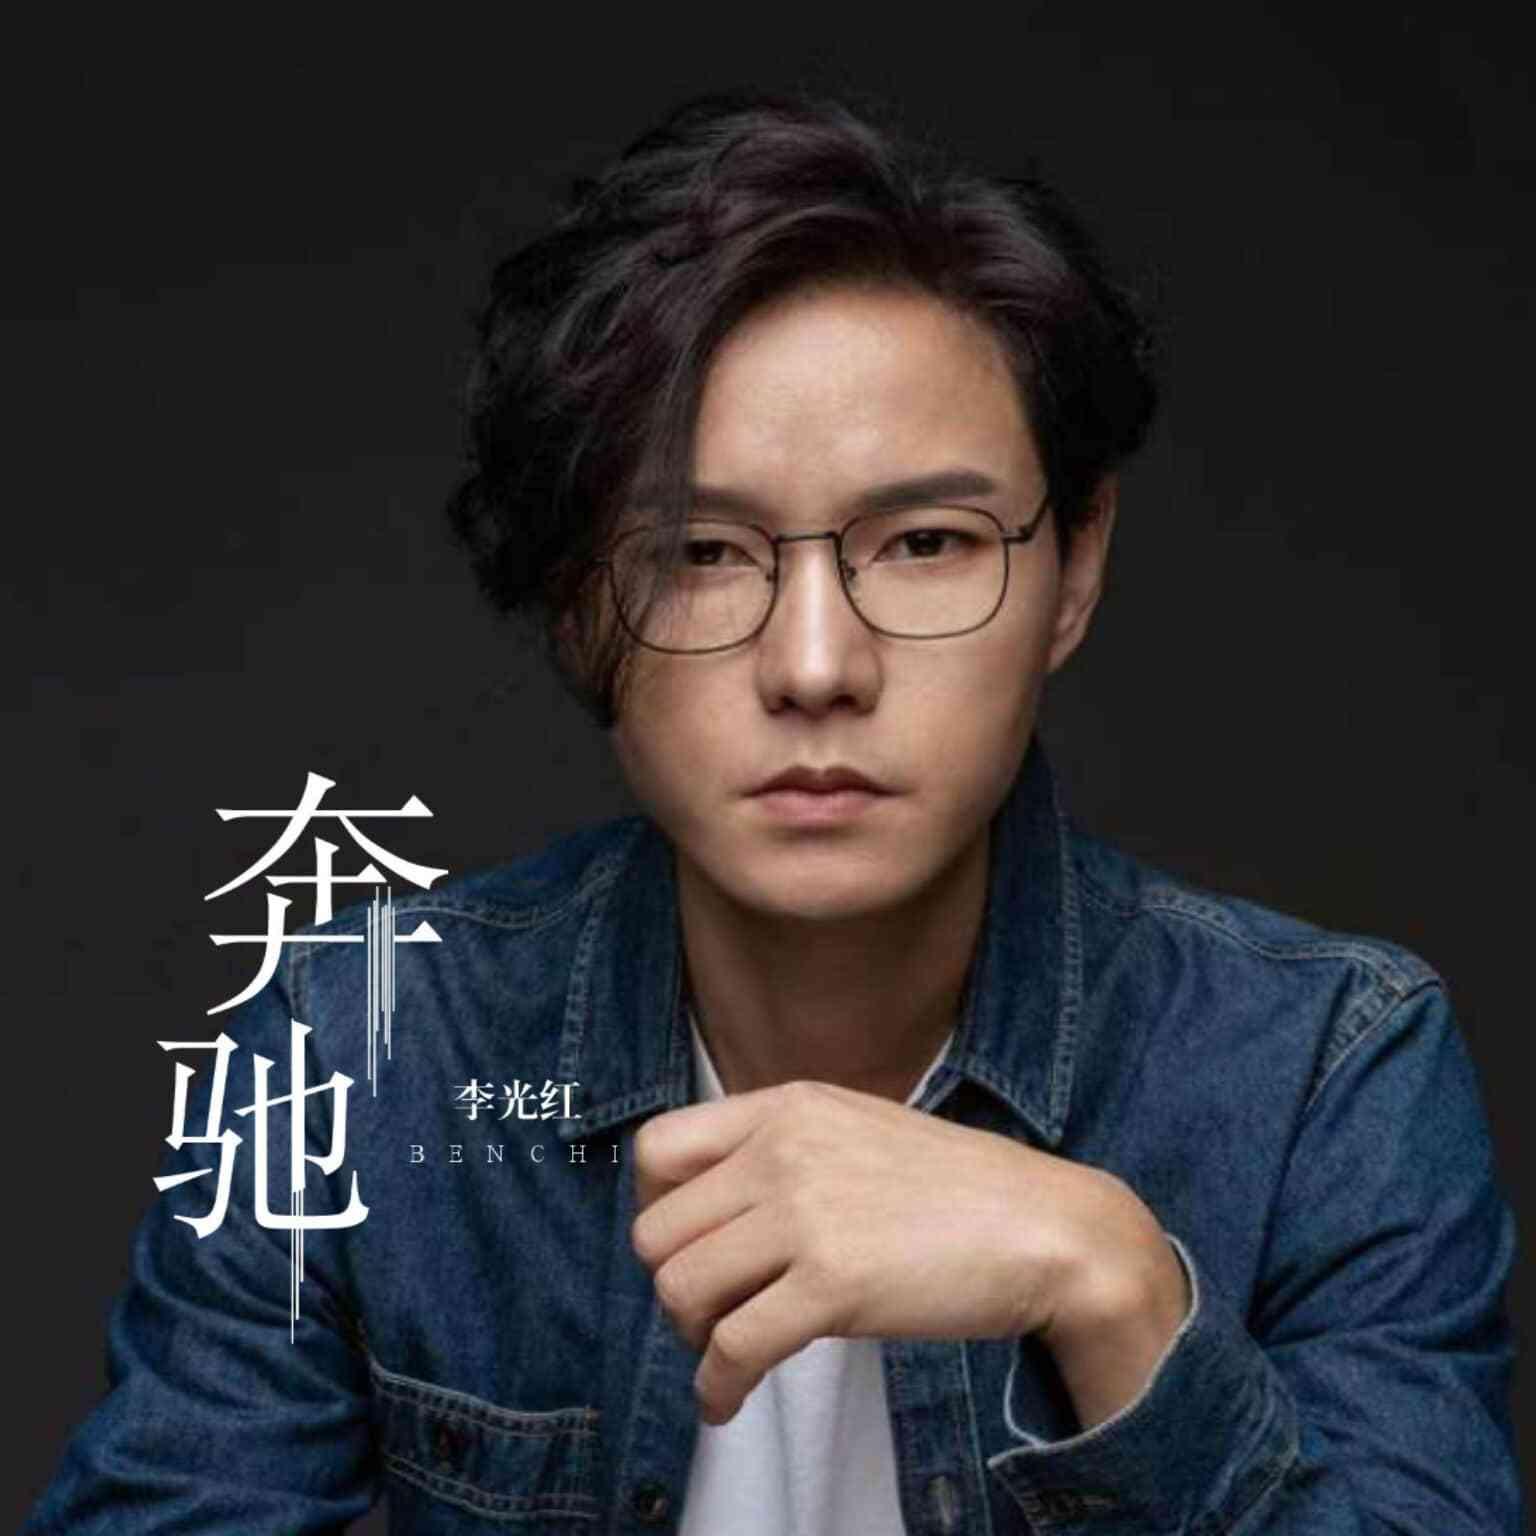 李光红励志新歌《奔驰》——扬奔驰精神,筑精彩人生